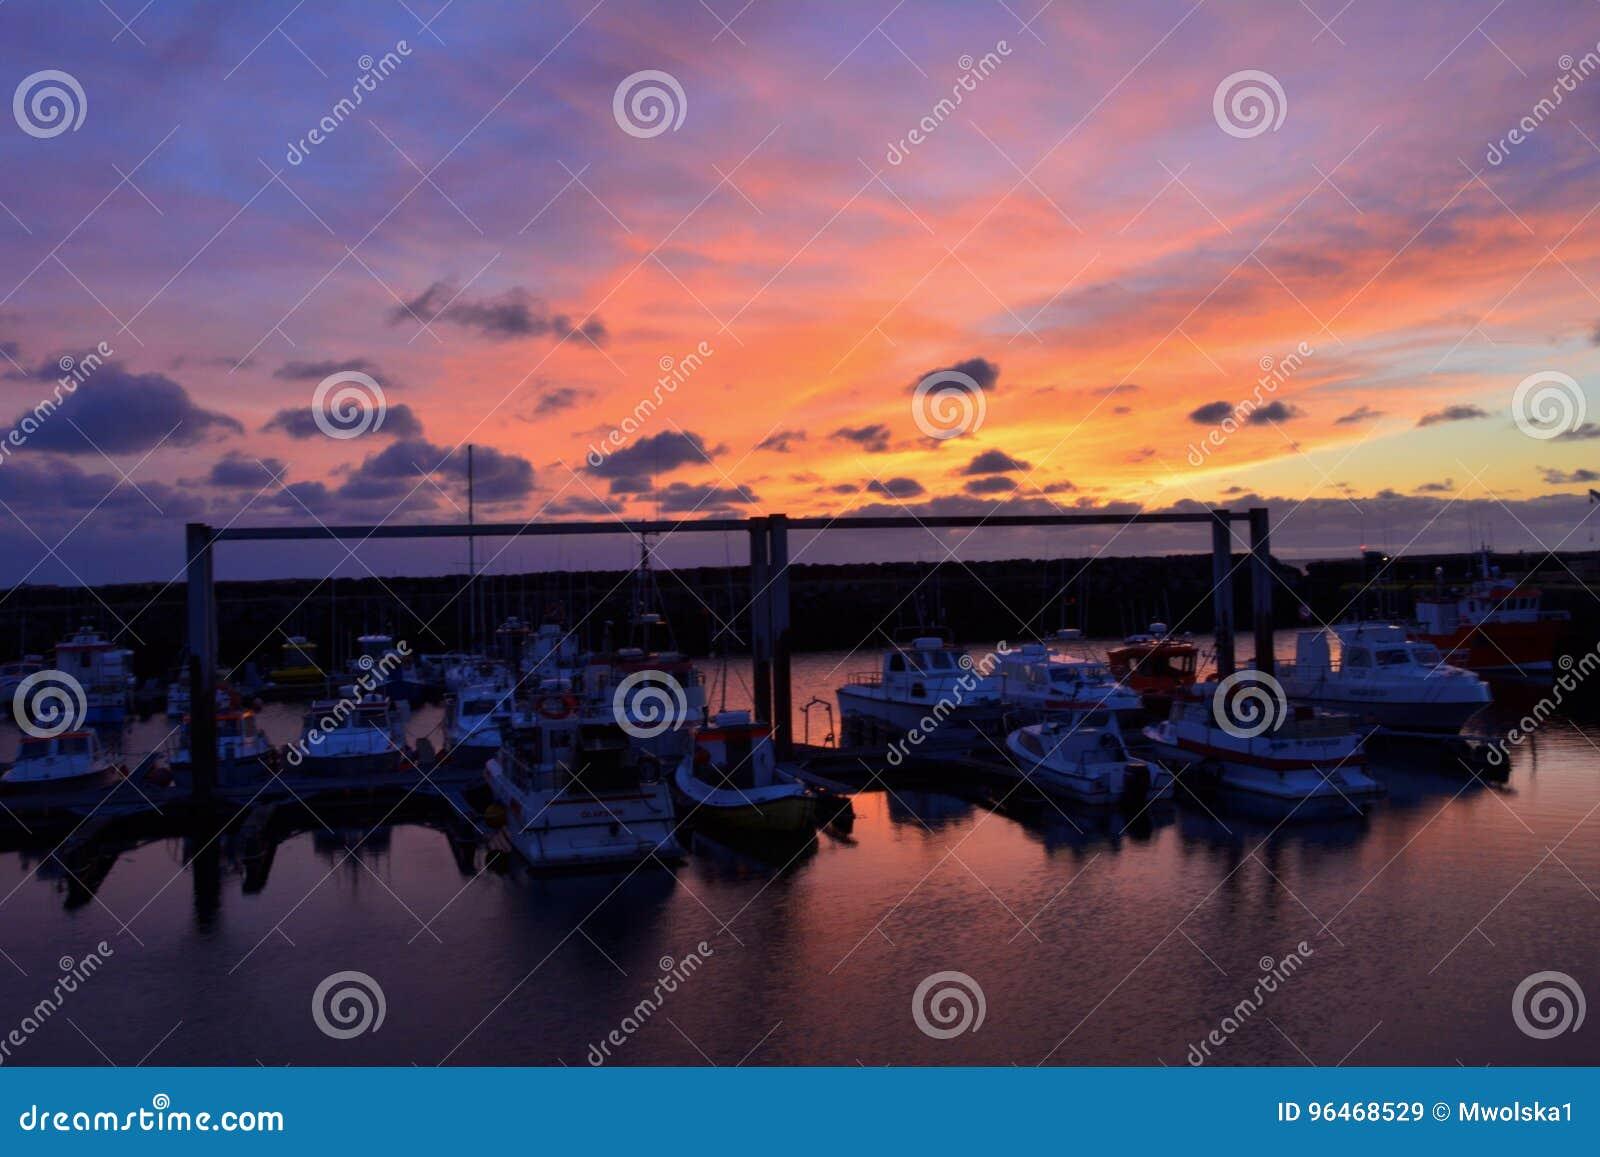 Verbazende zonsondergang met de schepen